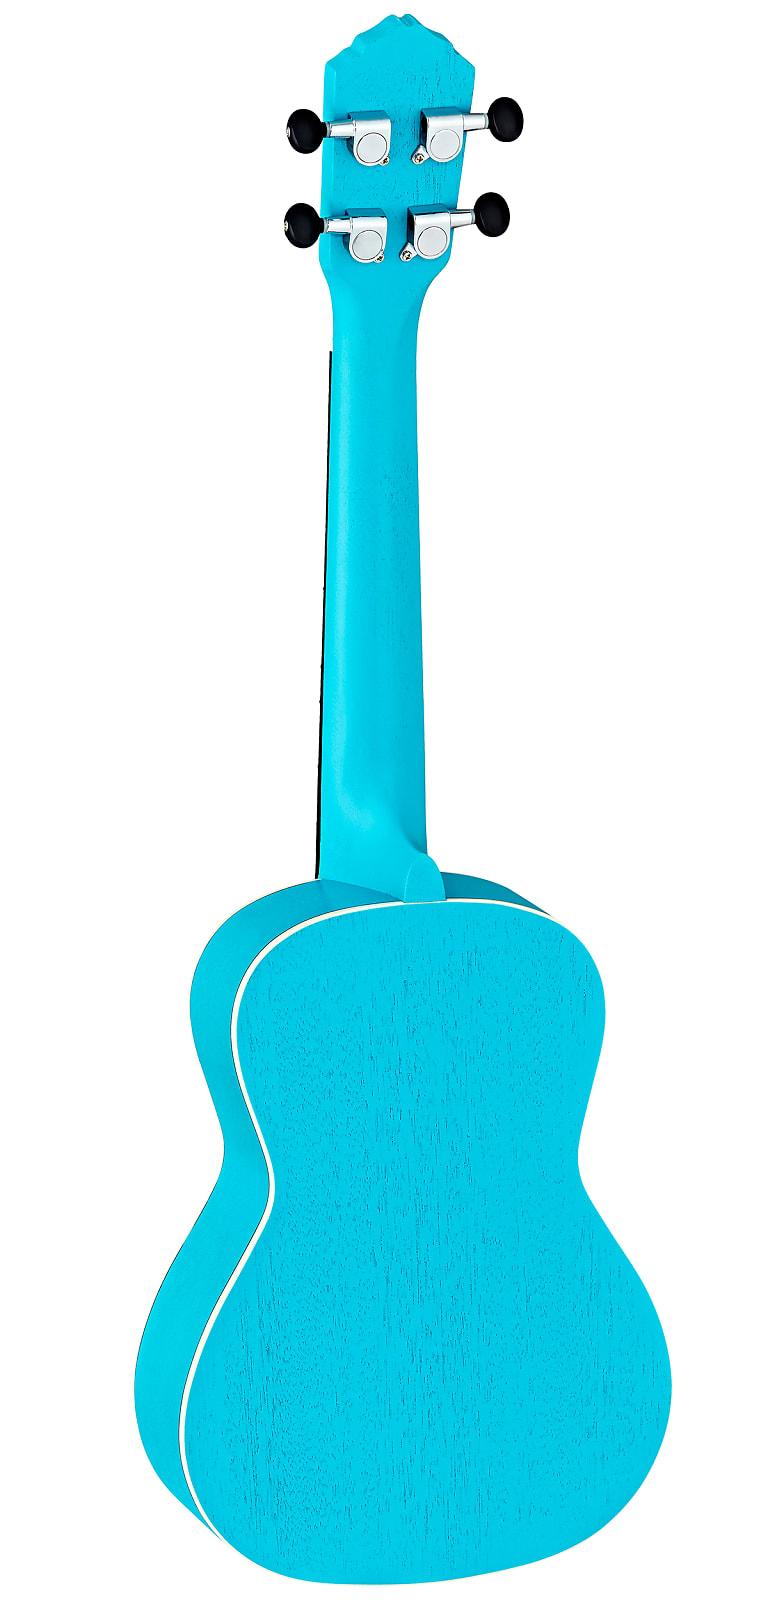 Ortega Earth Series Concert Ukulele Lagoon Turquoise